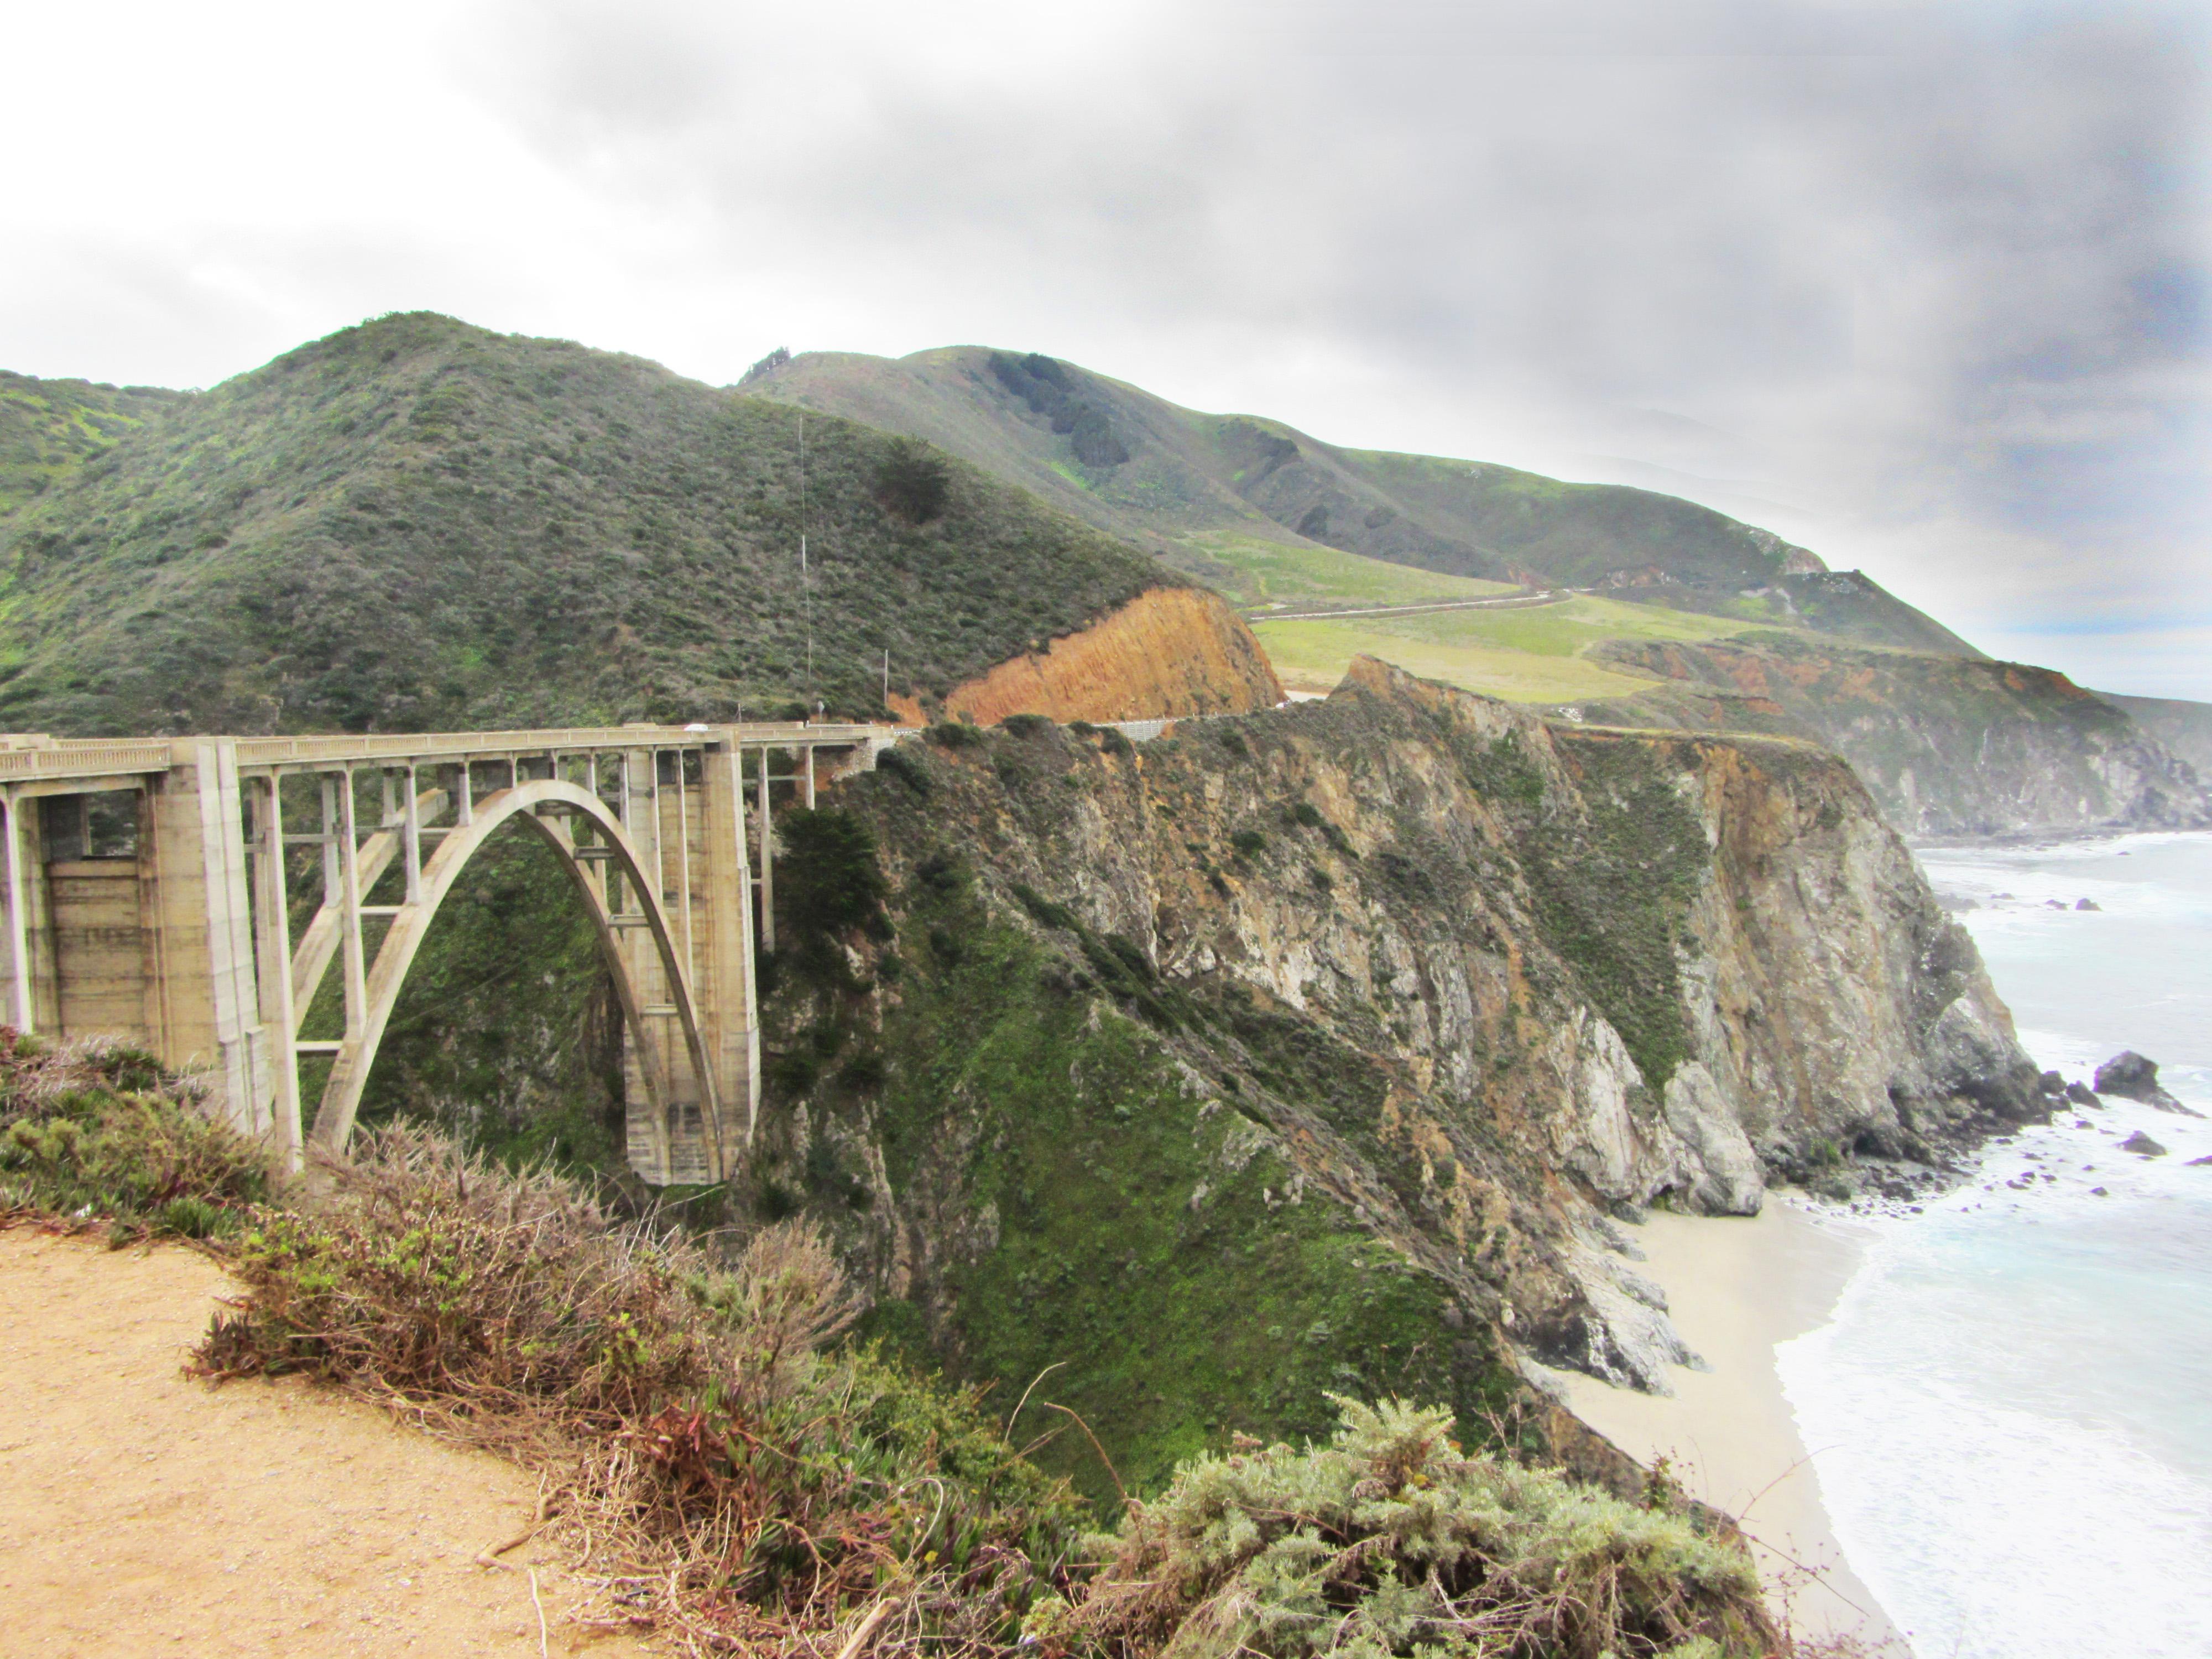 Bridge by the ocean Big Sur, CA